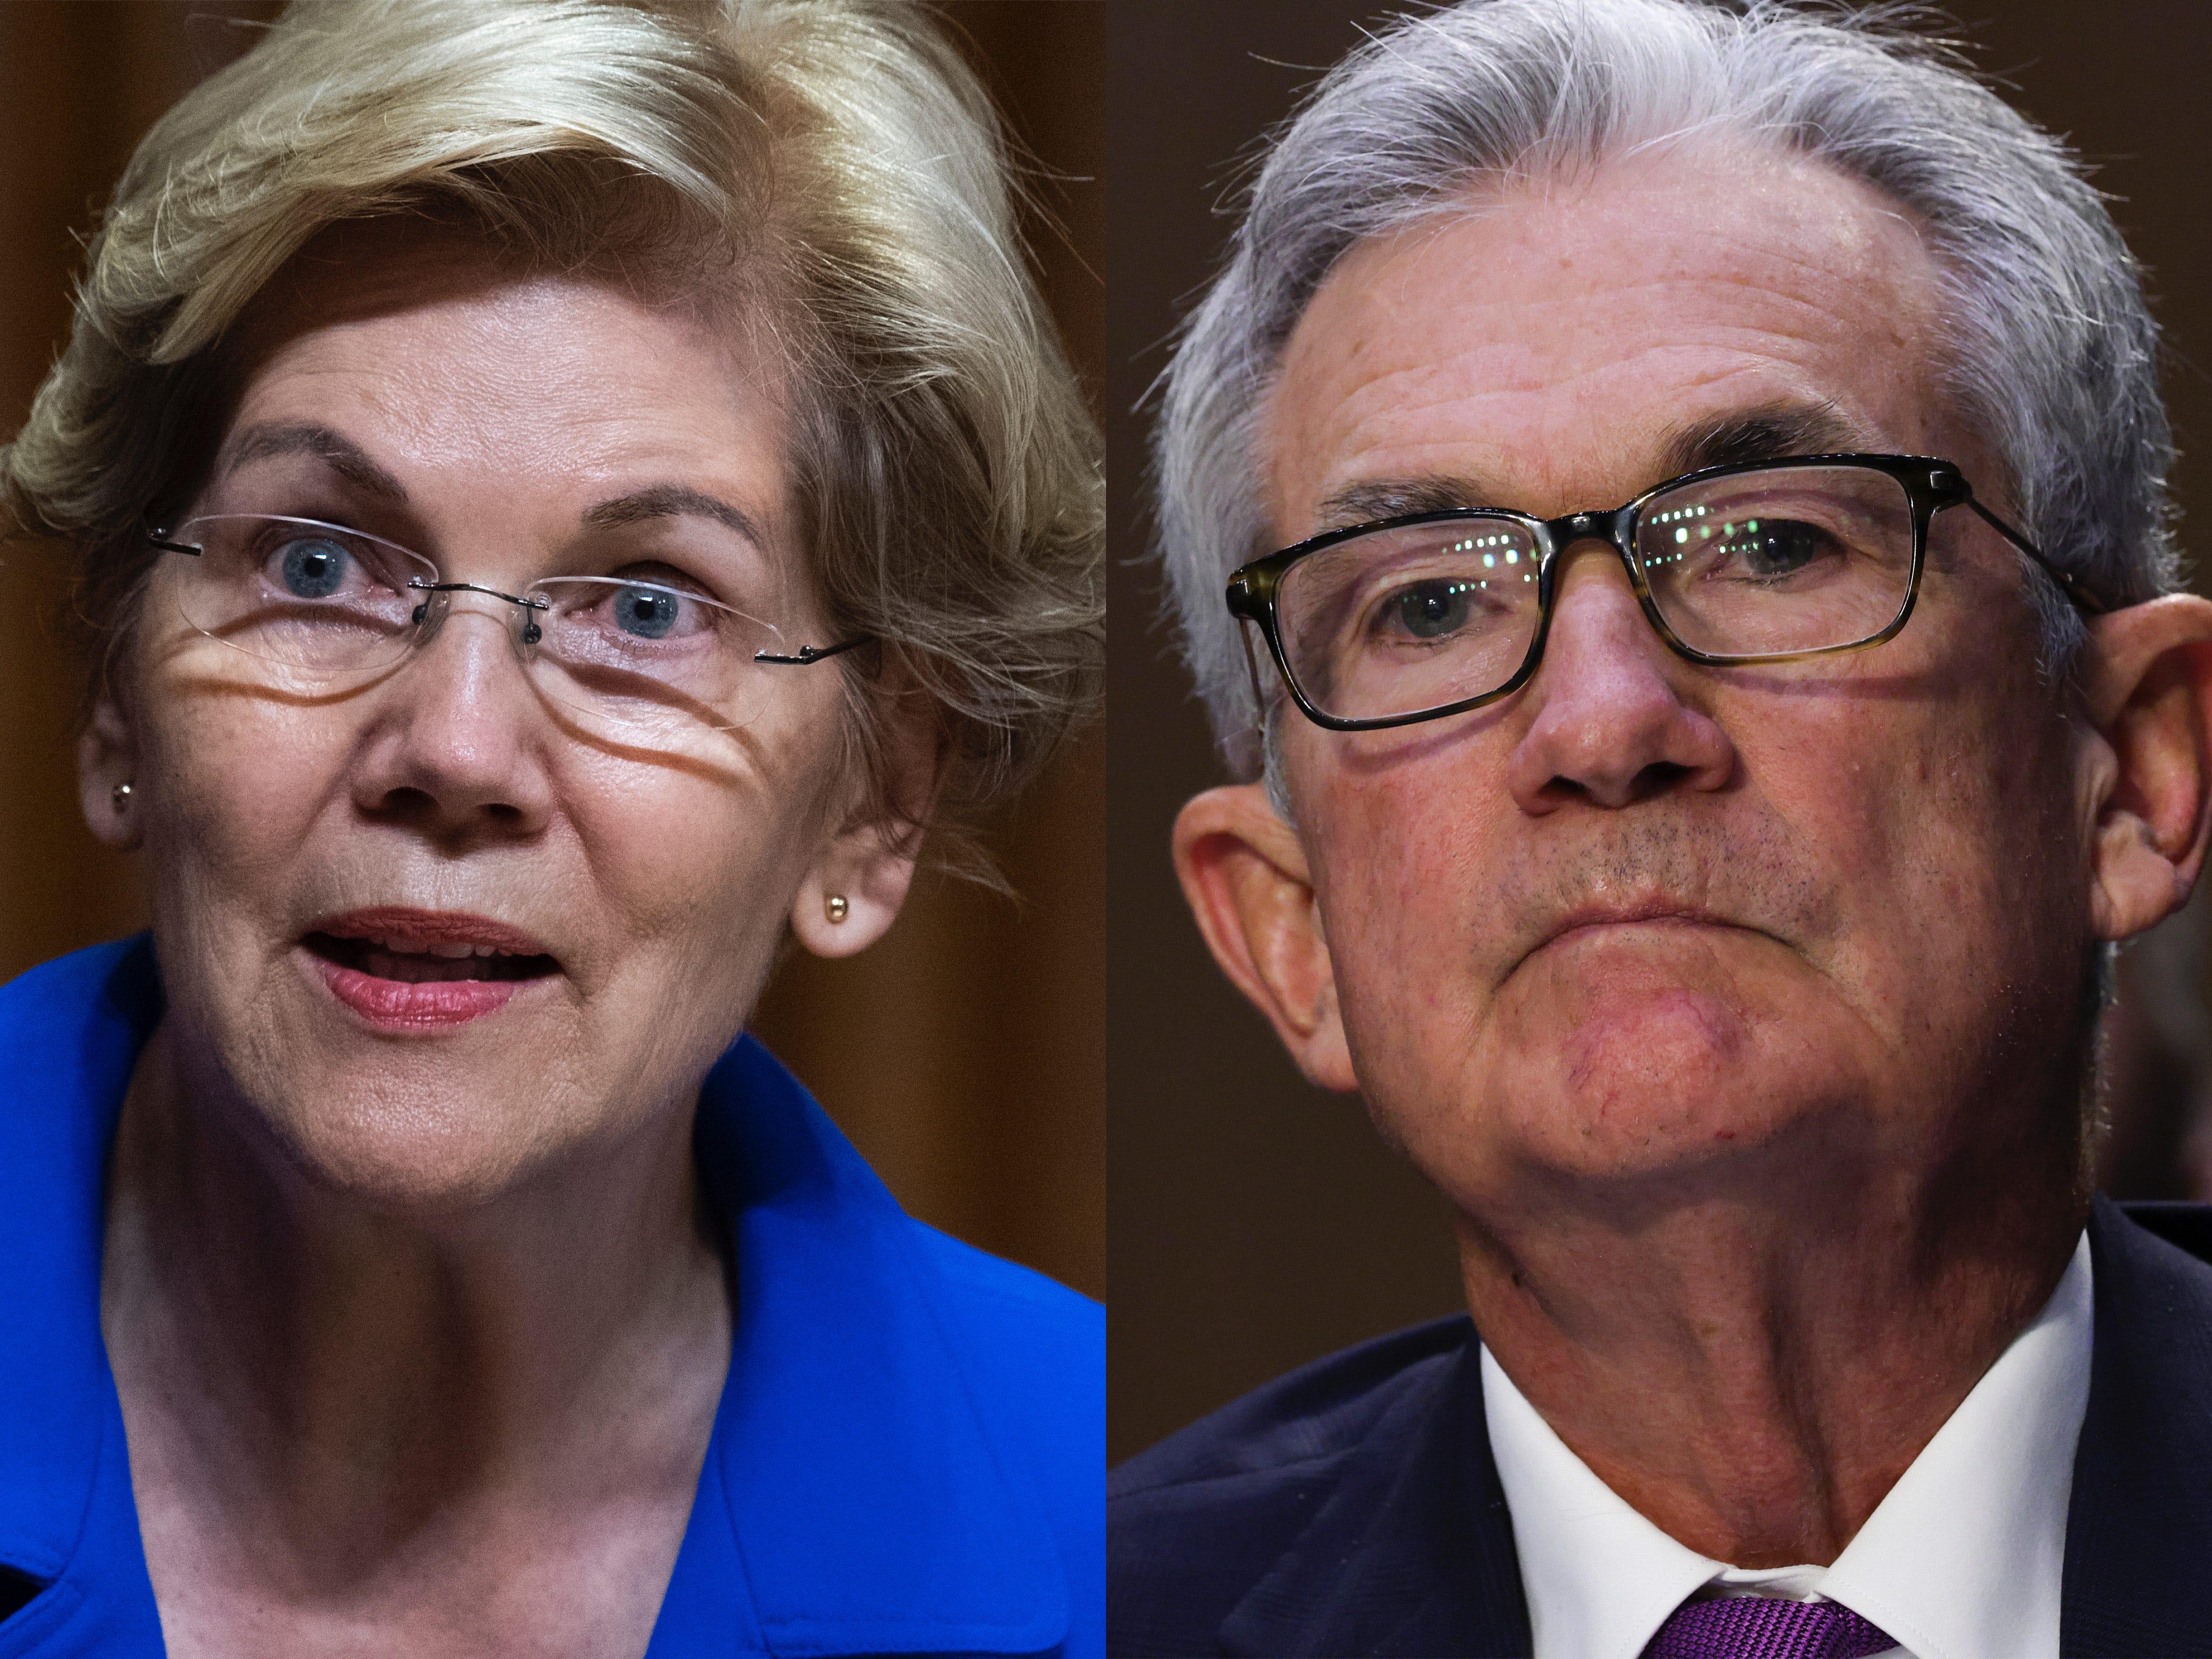 Thượng nghị sĩ Warren nói rằng bà sẽ phản đối việc tái bổ nhiệm Chủ tịch FED Powell